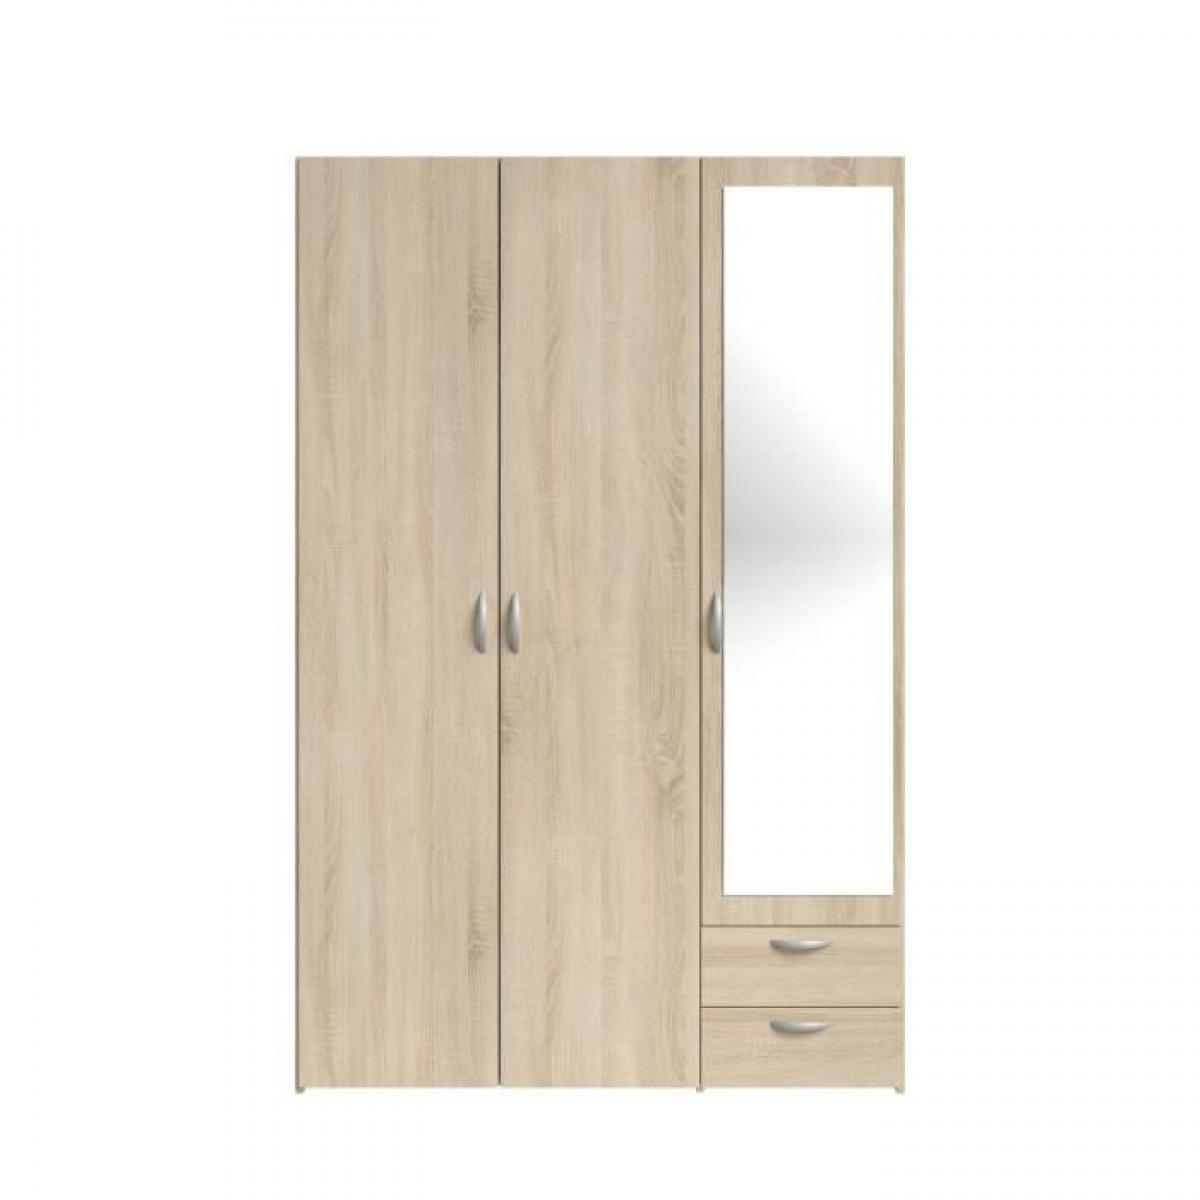 Cstore VARIA Armoire 3 portes miroir décor chene